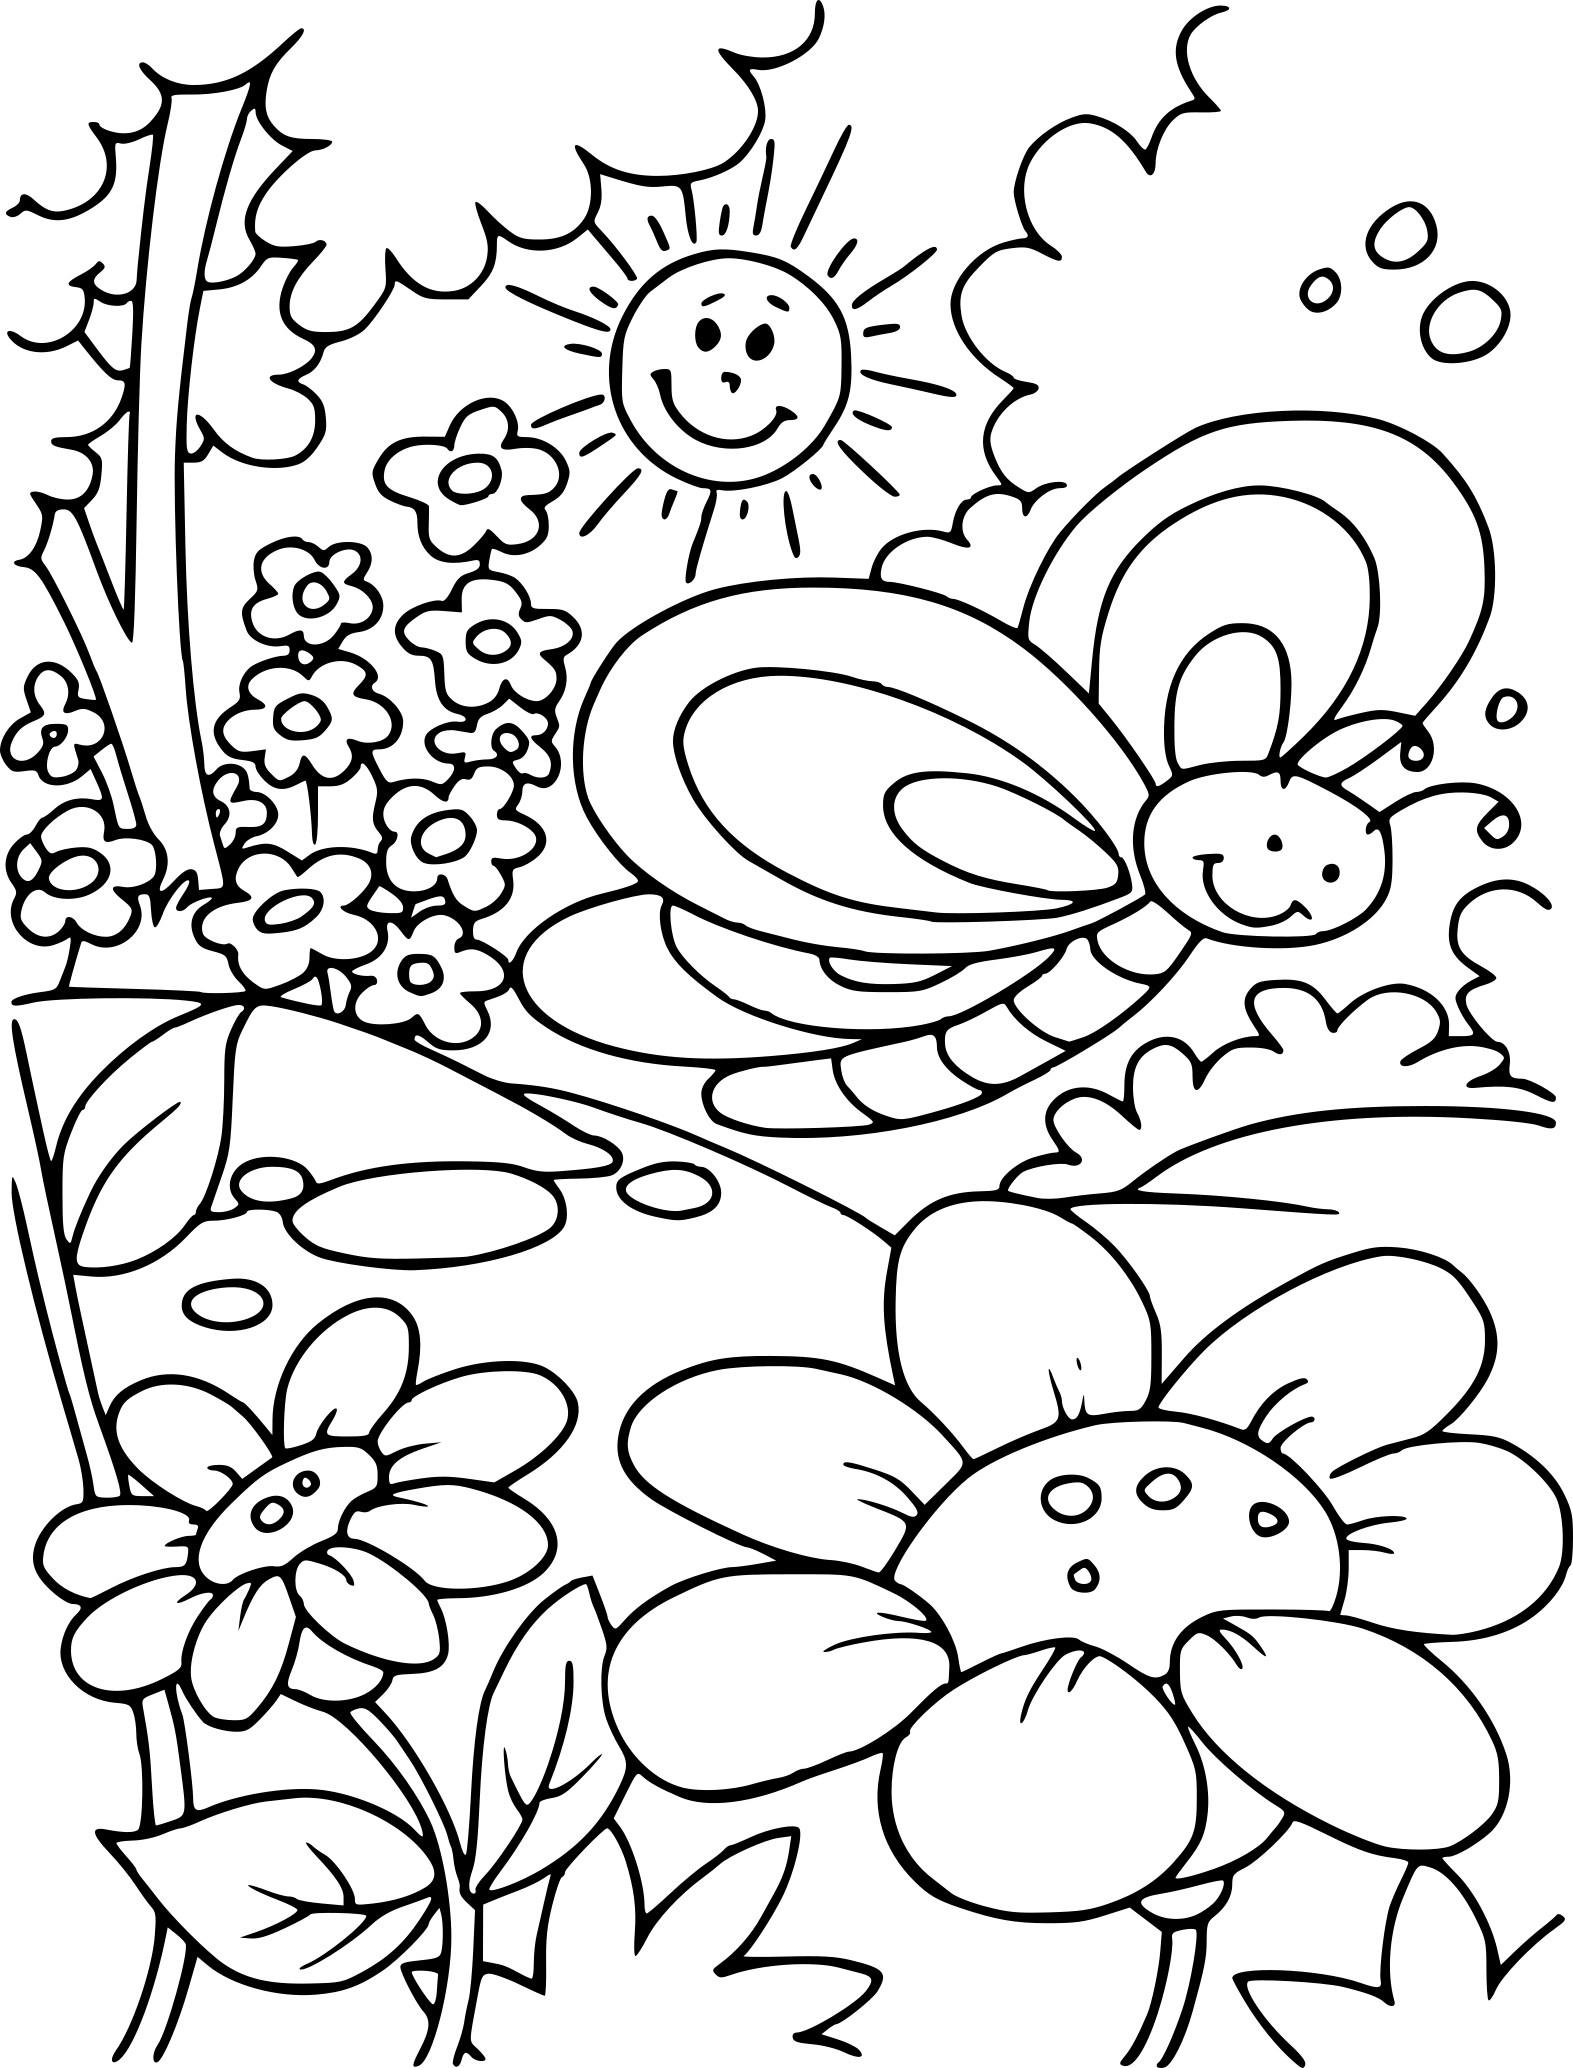 Coloriage De Paysage Du Printemps À Imprimer Sur Coloriage à Dessin Printemps Paysage